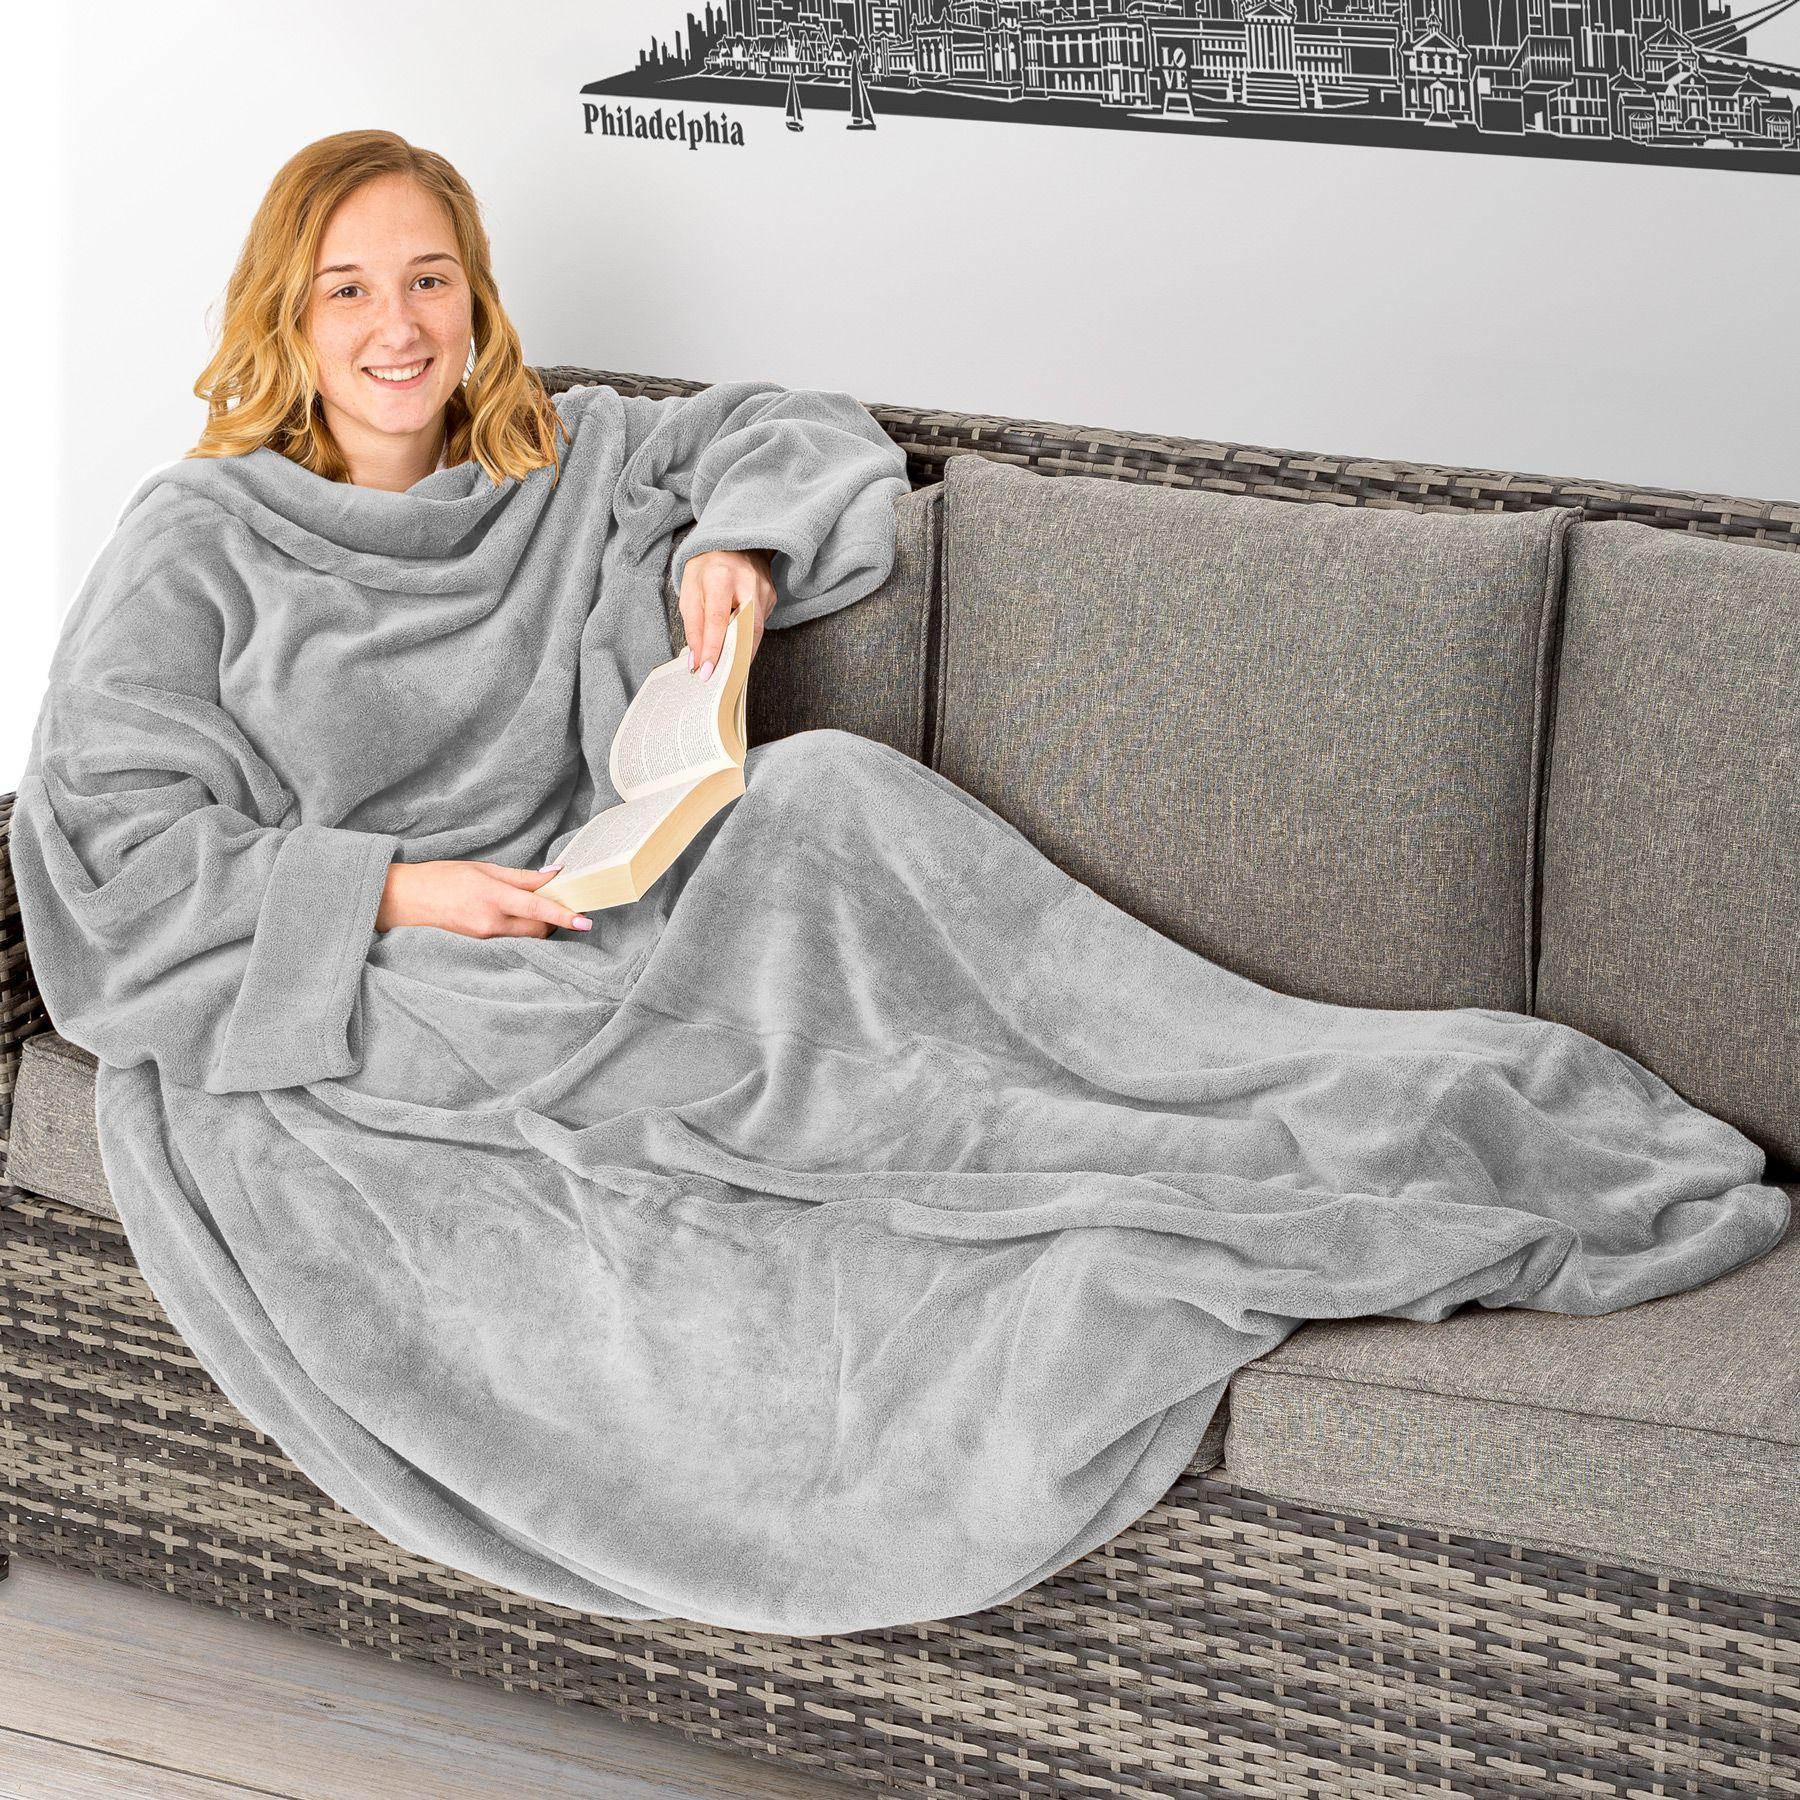 Decke ärmel: Kuscheldecke Mit Ärmel Wohndecke TV Decke Zum Anziehen Für